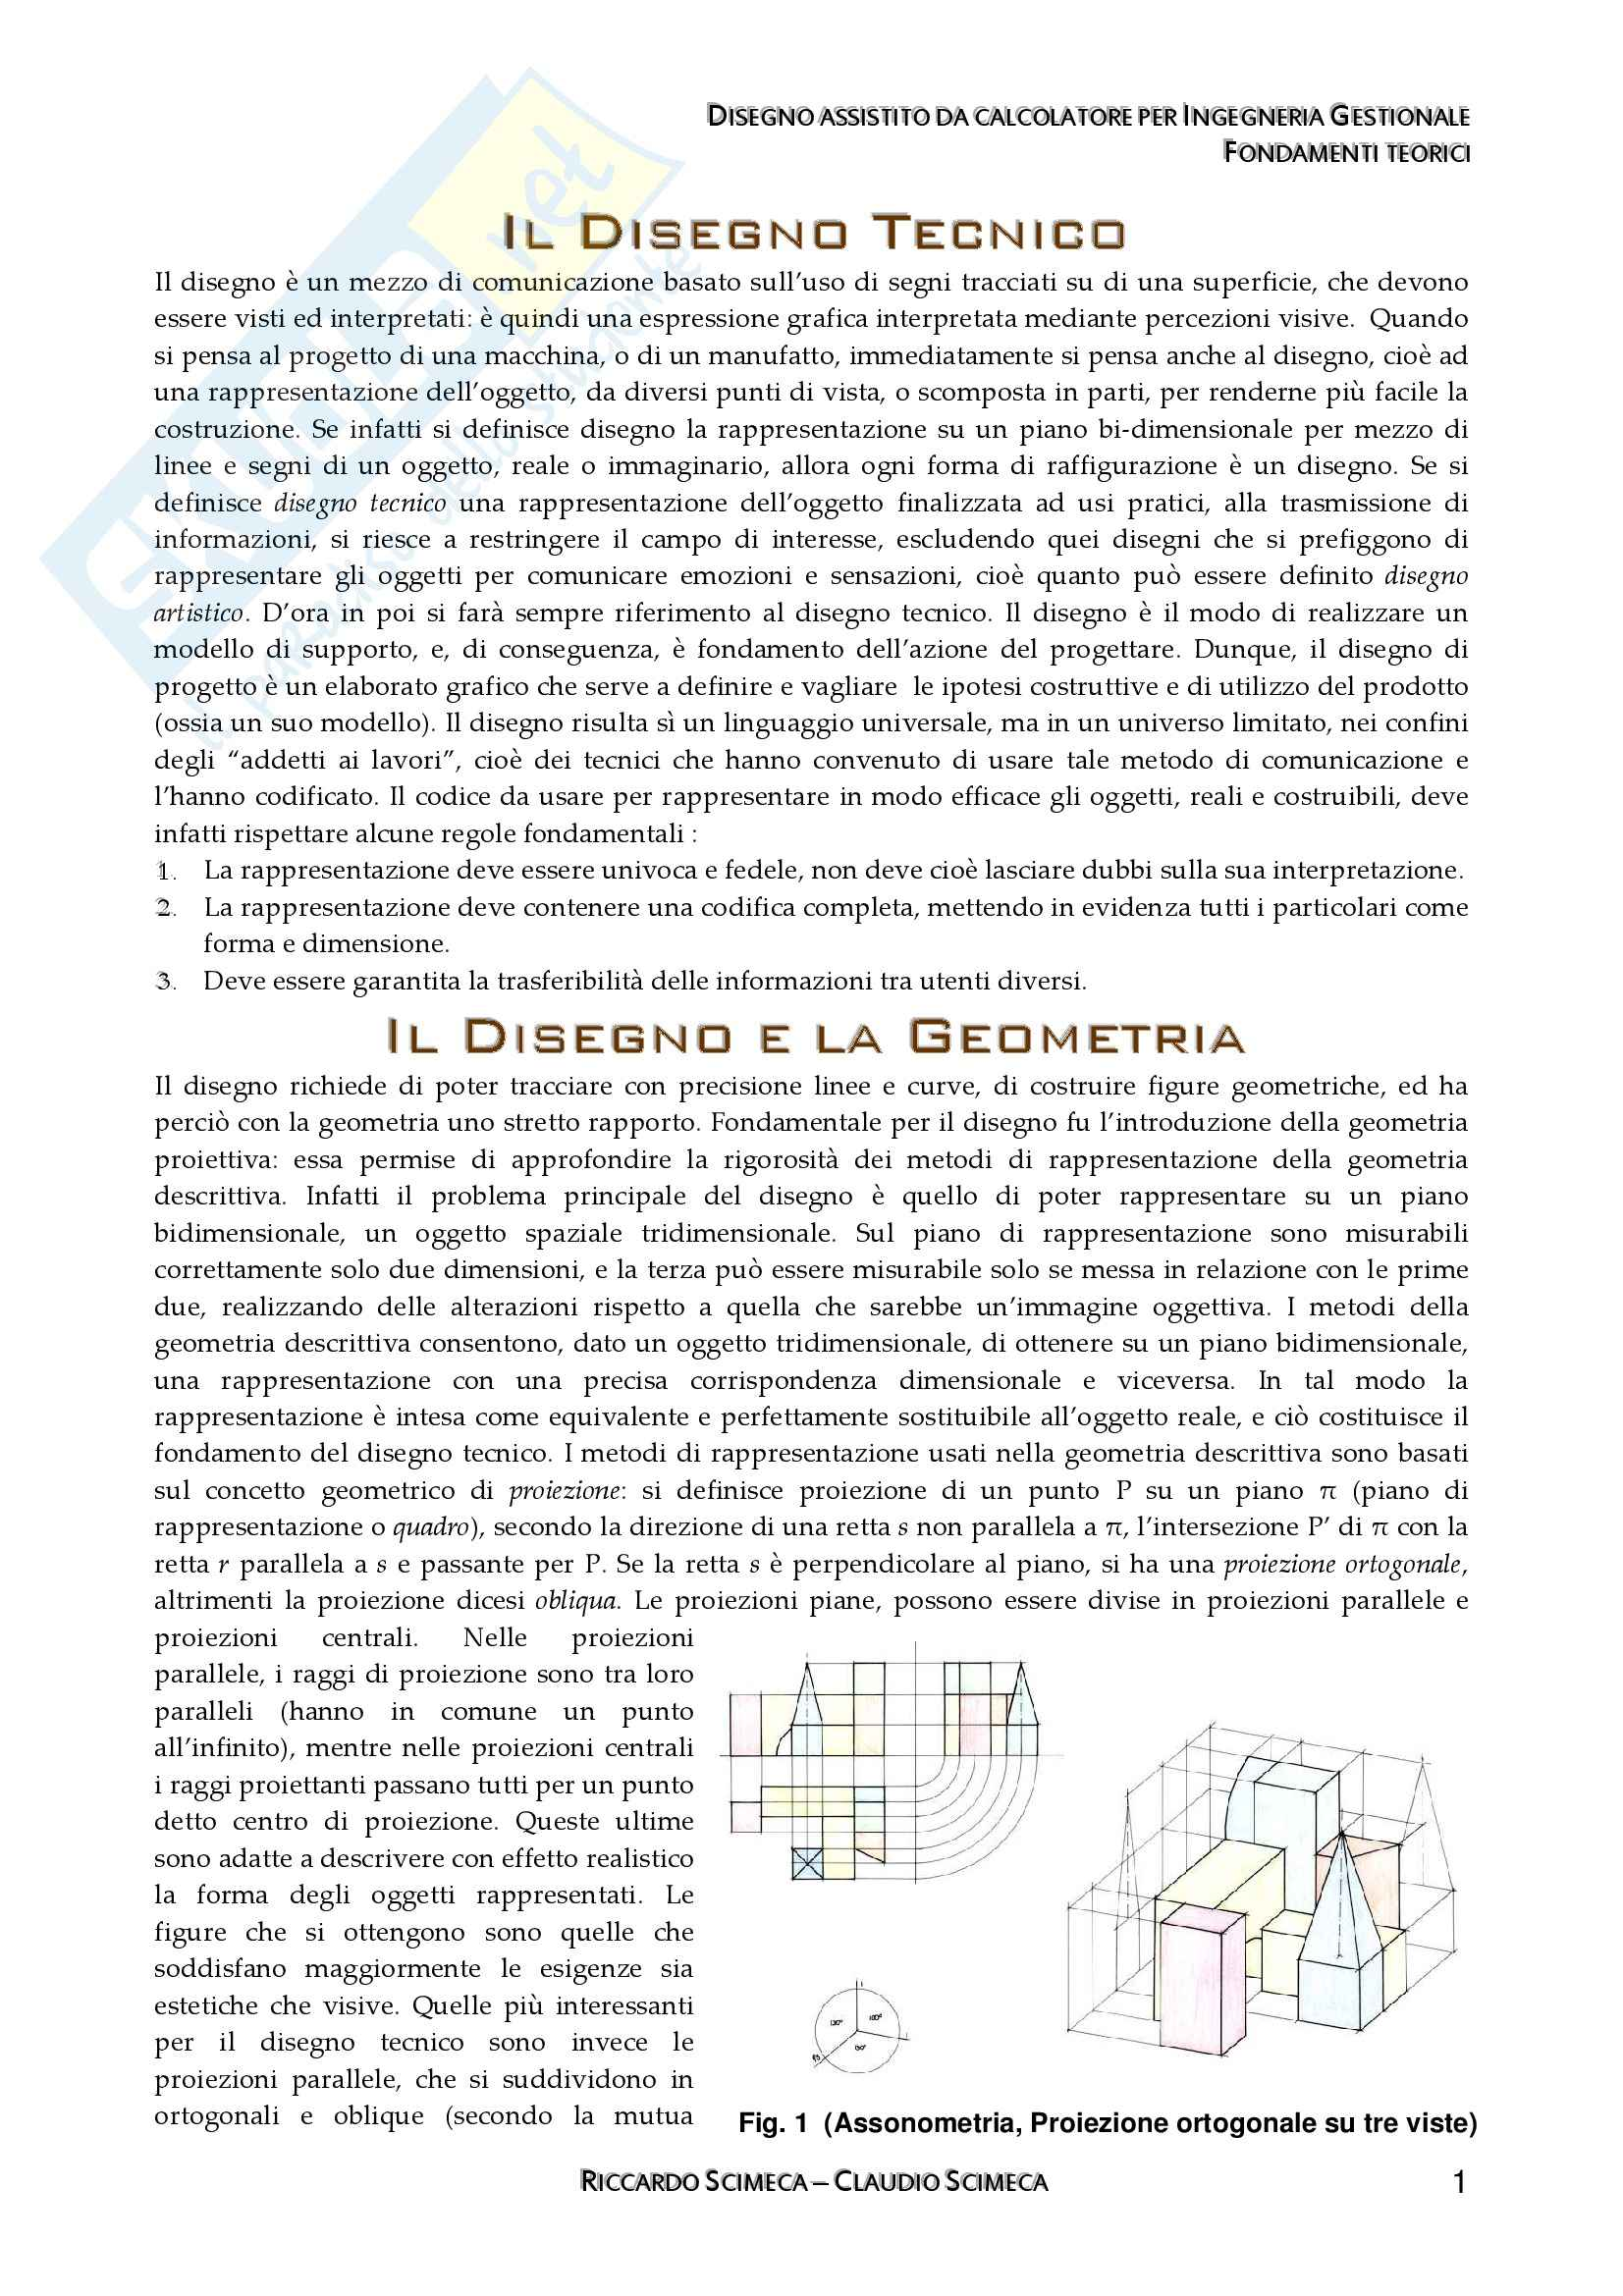 Disegno assistito da calcolatore - Appunti